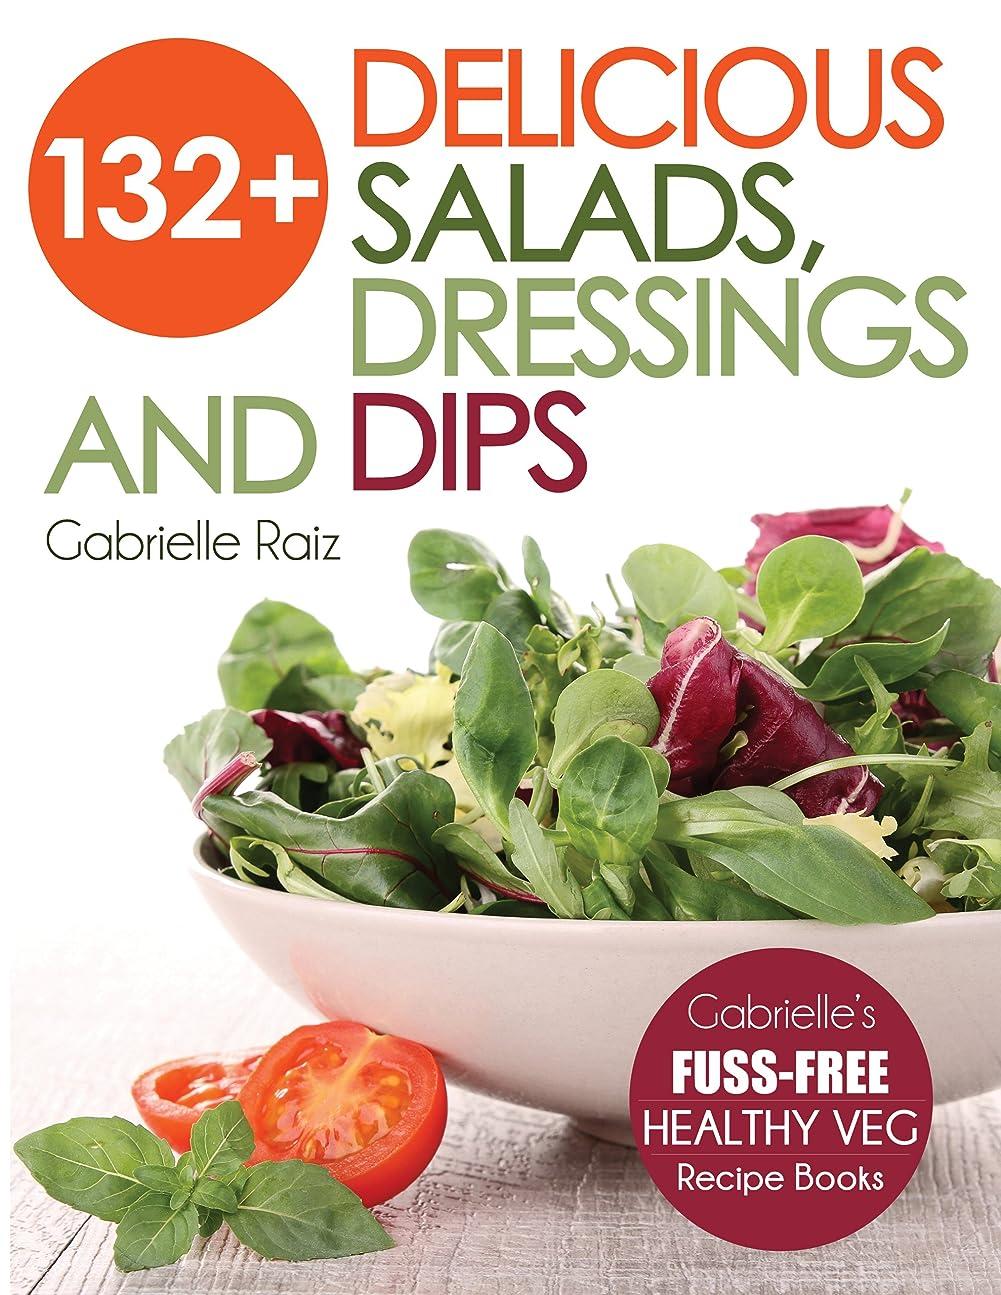 プーノ会議異常132+ Delicious Salads, Dressings And Dips: Healthy Salad Recipes For Weight Loss, Great For Vegetarian And Raw Vegan Diets (Gabrielle's FUSS-FREE Healthy ... And Vegetarian Recipes) (English Edition)